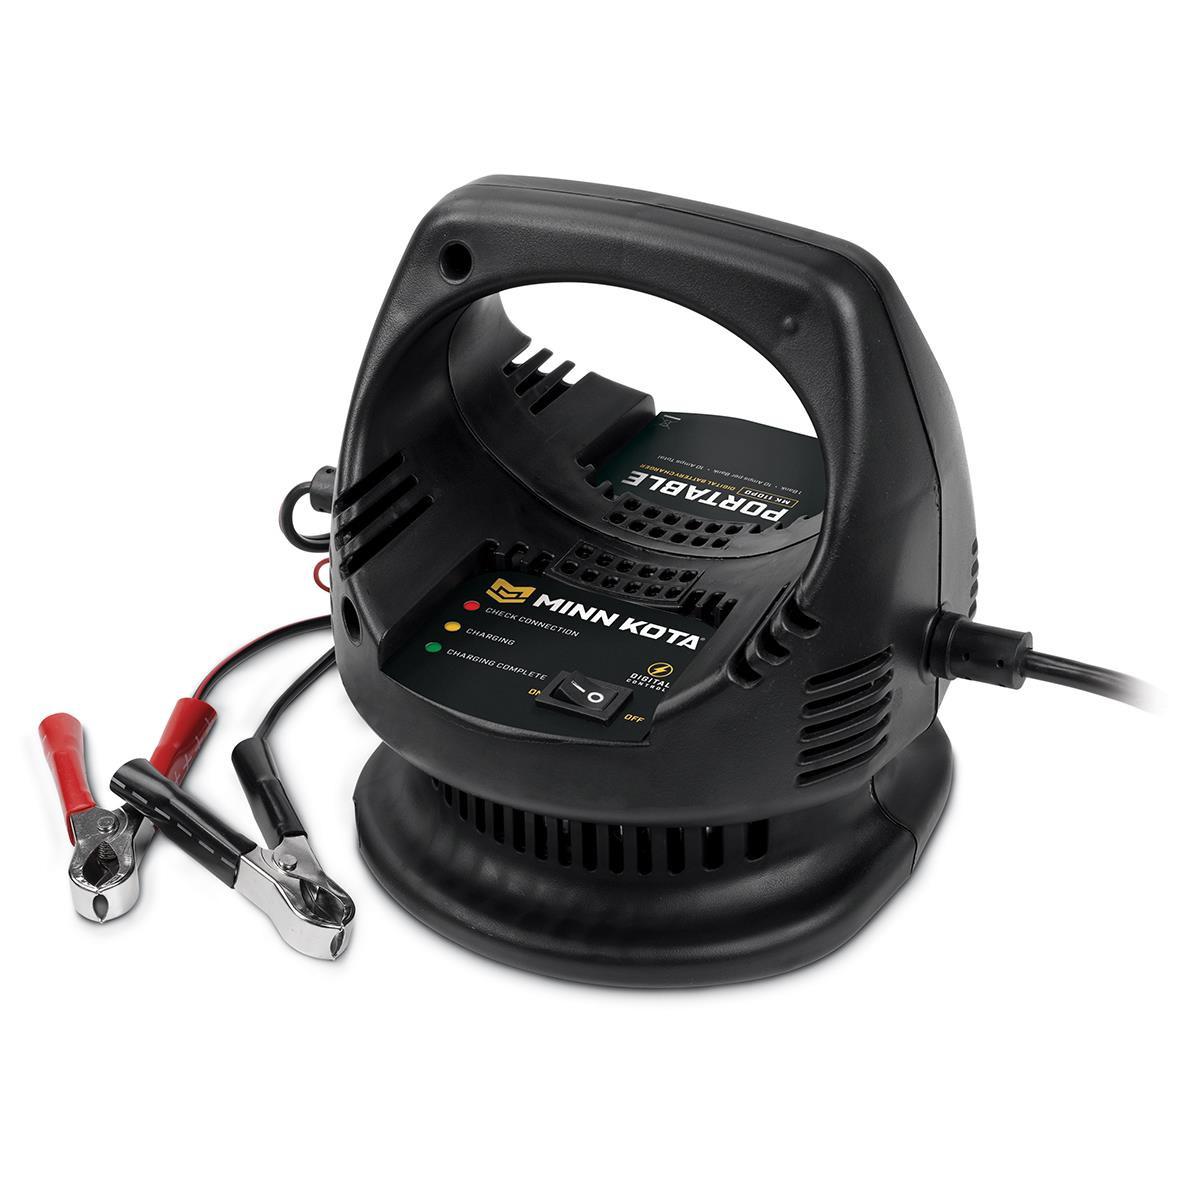 Minn Kota Portable Charger - 029402044801